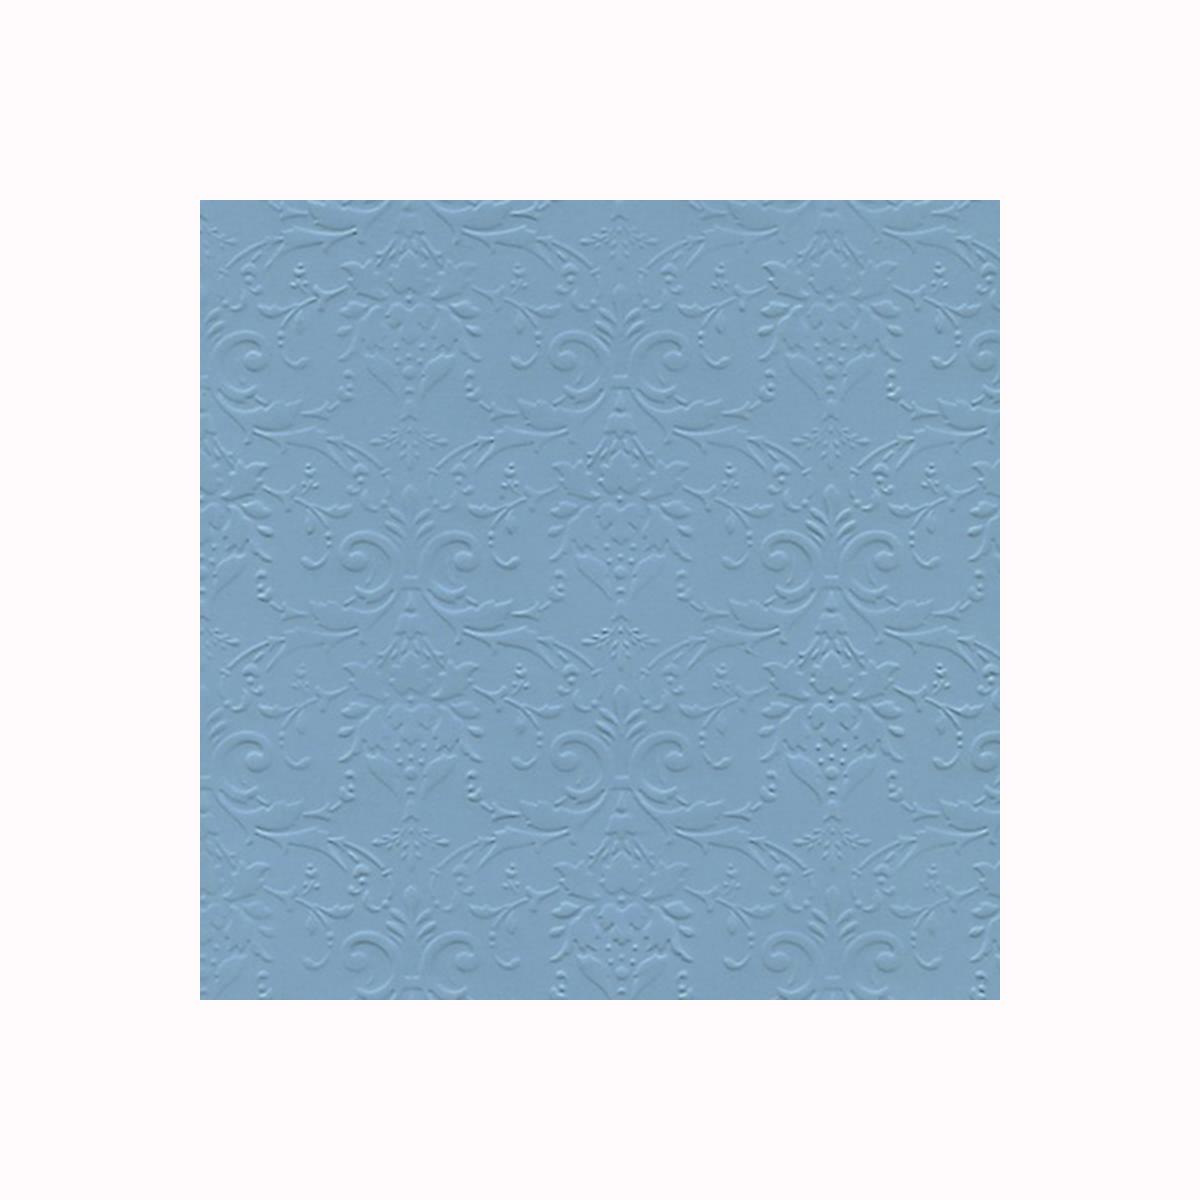 Бумага фактурная Лоза Дамасский узор, цвет: ярко-голубой, 3 листаBAL 119Фактурная бумага для скрапбукинга Лоза Дамасский узор позволит создать красивый альбом, фоторамку или открытку ручной работы, оформить подарок или аппликацию. Набор включает в себя 3 листа из плотной бумаги. Скрапбукинг - это хобби, которое способно приносить массу приятных эмоций не только человеку, который этим занимается, но и его близким, друзьям, родным. Это невероятно увлекательное занятие, которое поможет вам сохранить наиболее памятные и яркие моменты вашей жизни, а также интересно оформить интерьер дома.Плотность бумаги: 200 г/м2.